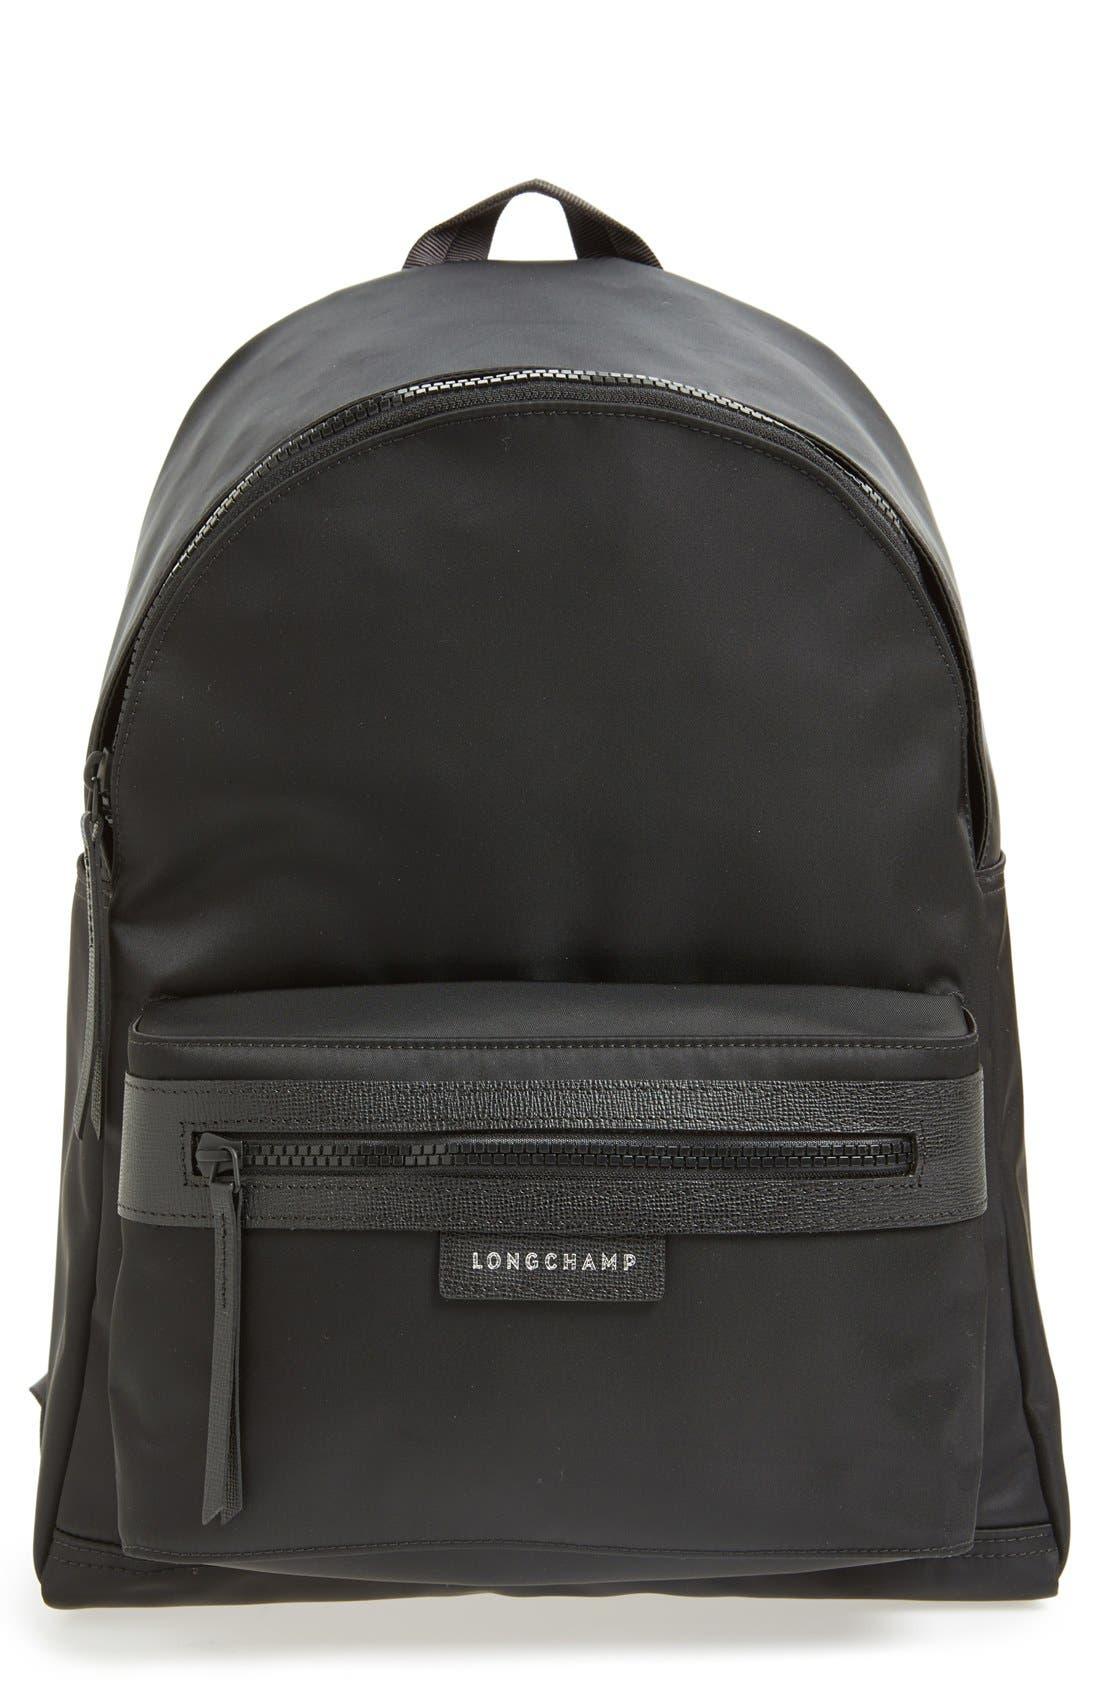 Image of LONGCHAMP Le Pliage Neo Nylon Backpack